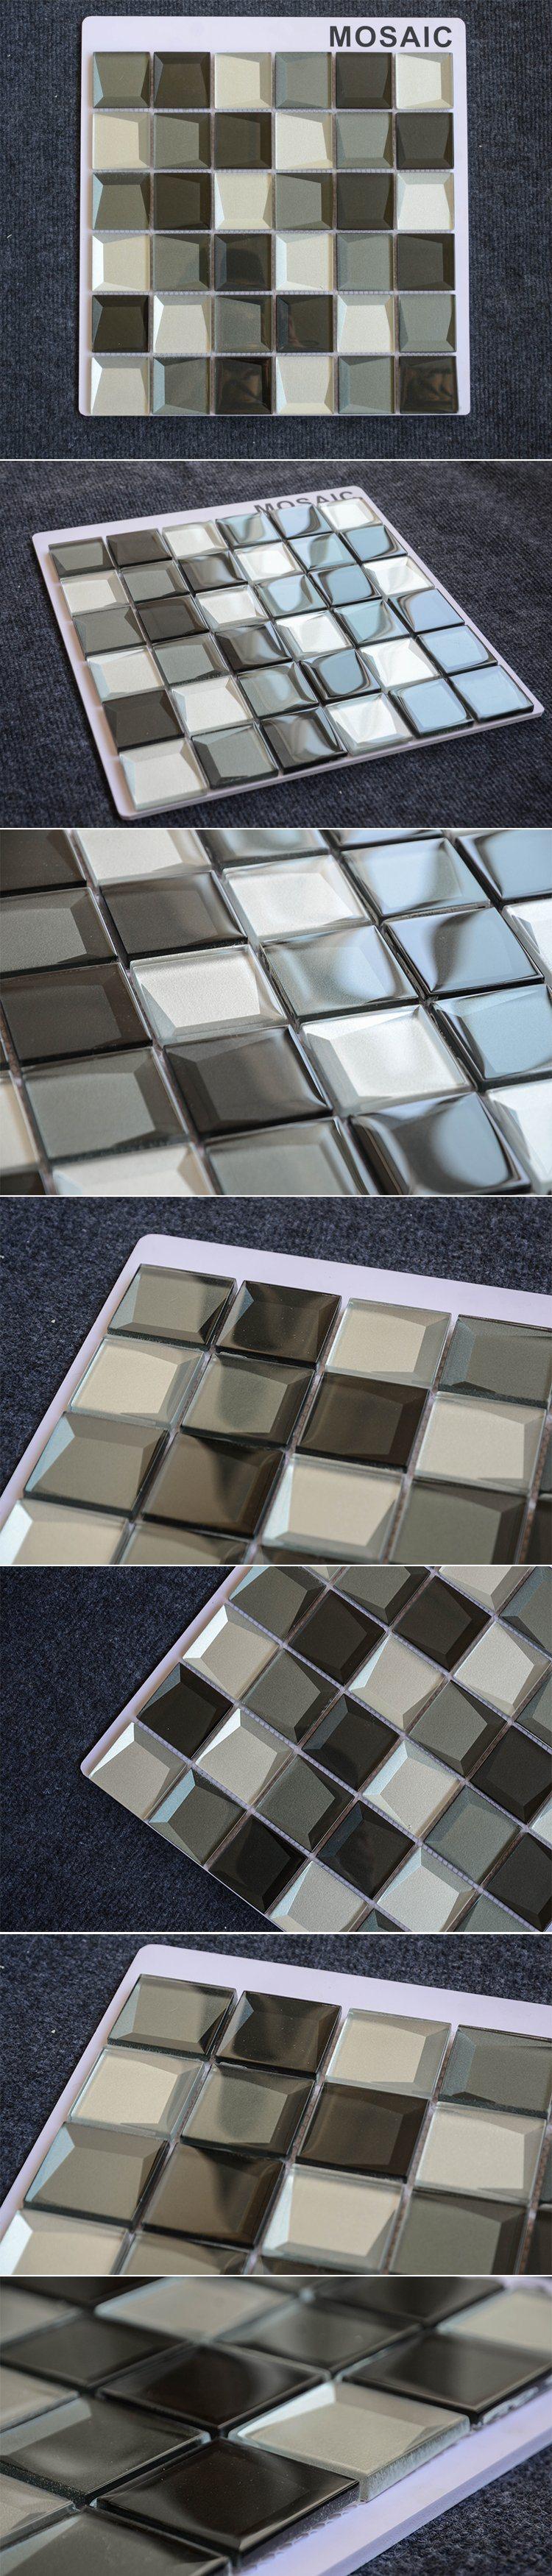 china tiles mosaic mosaic wall tiles